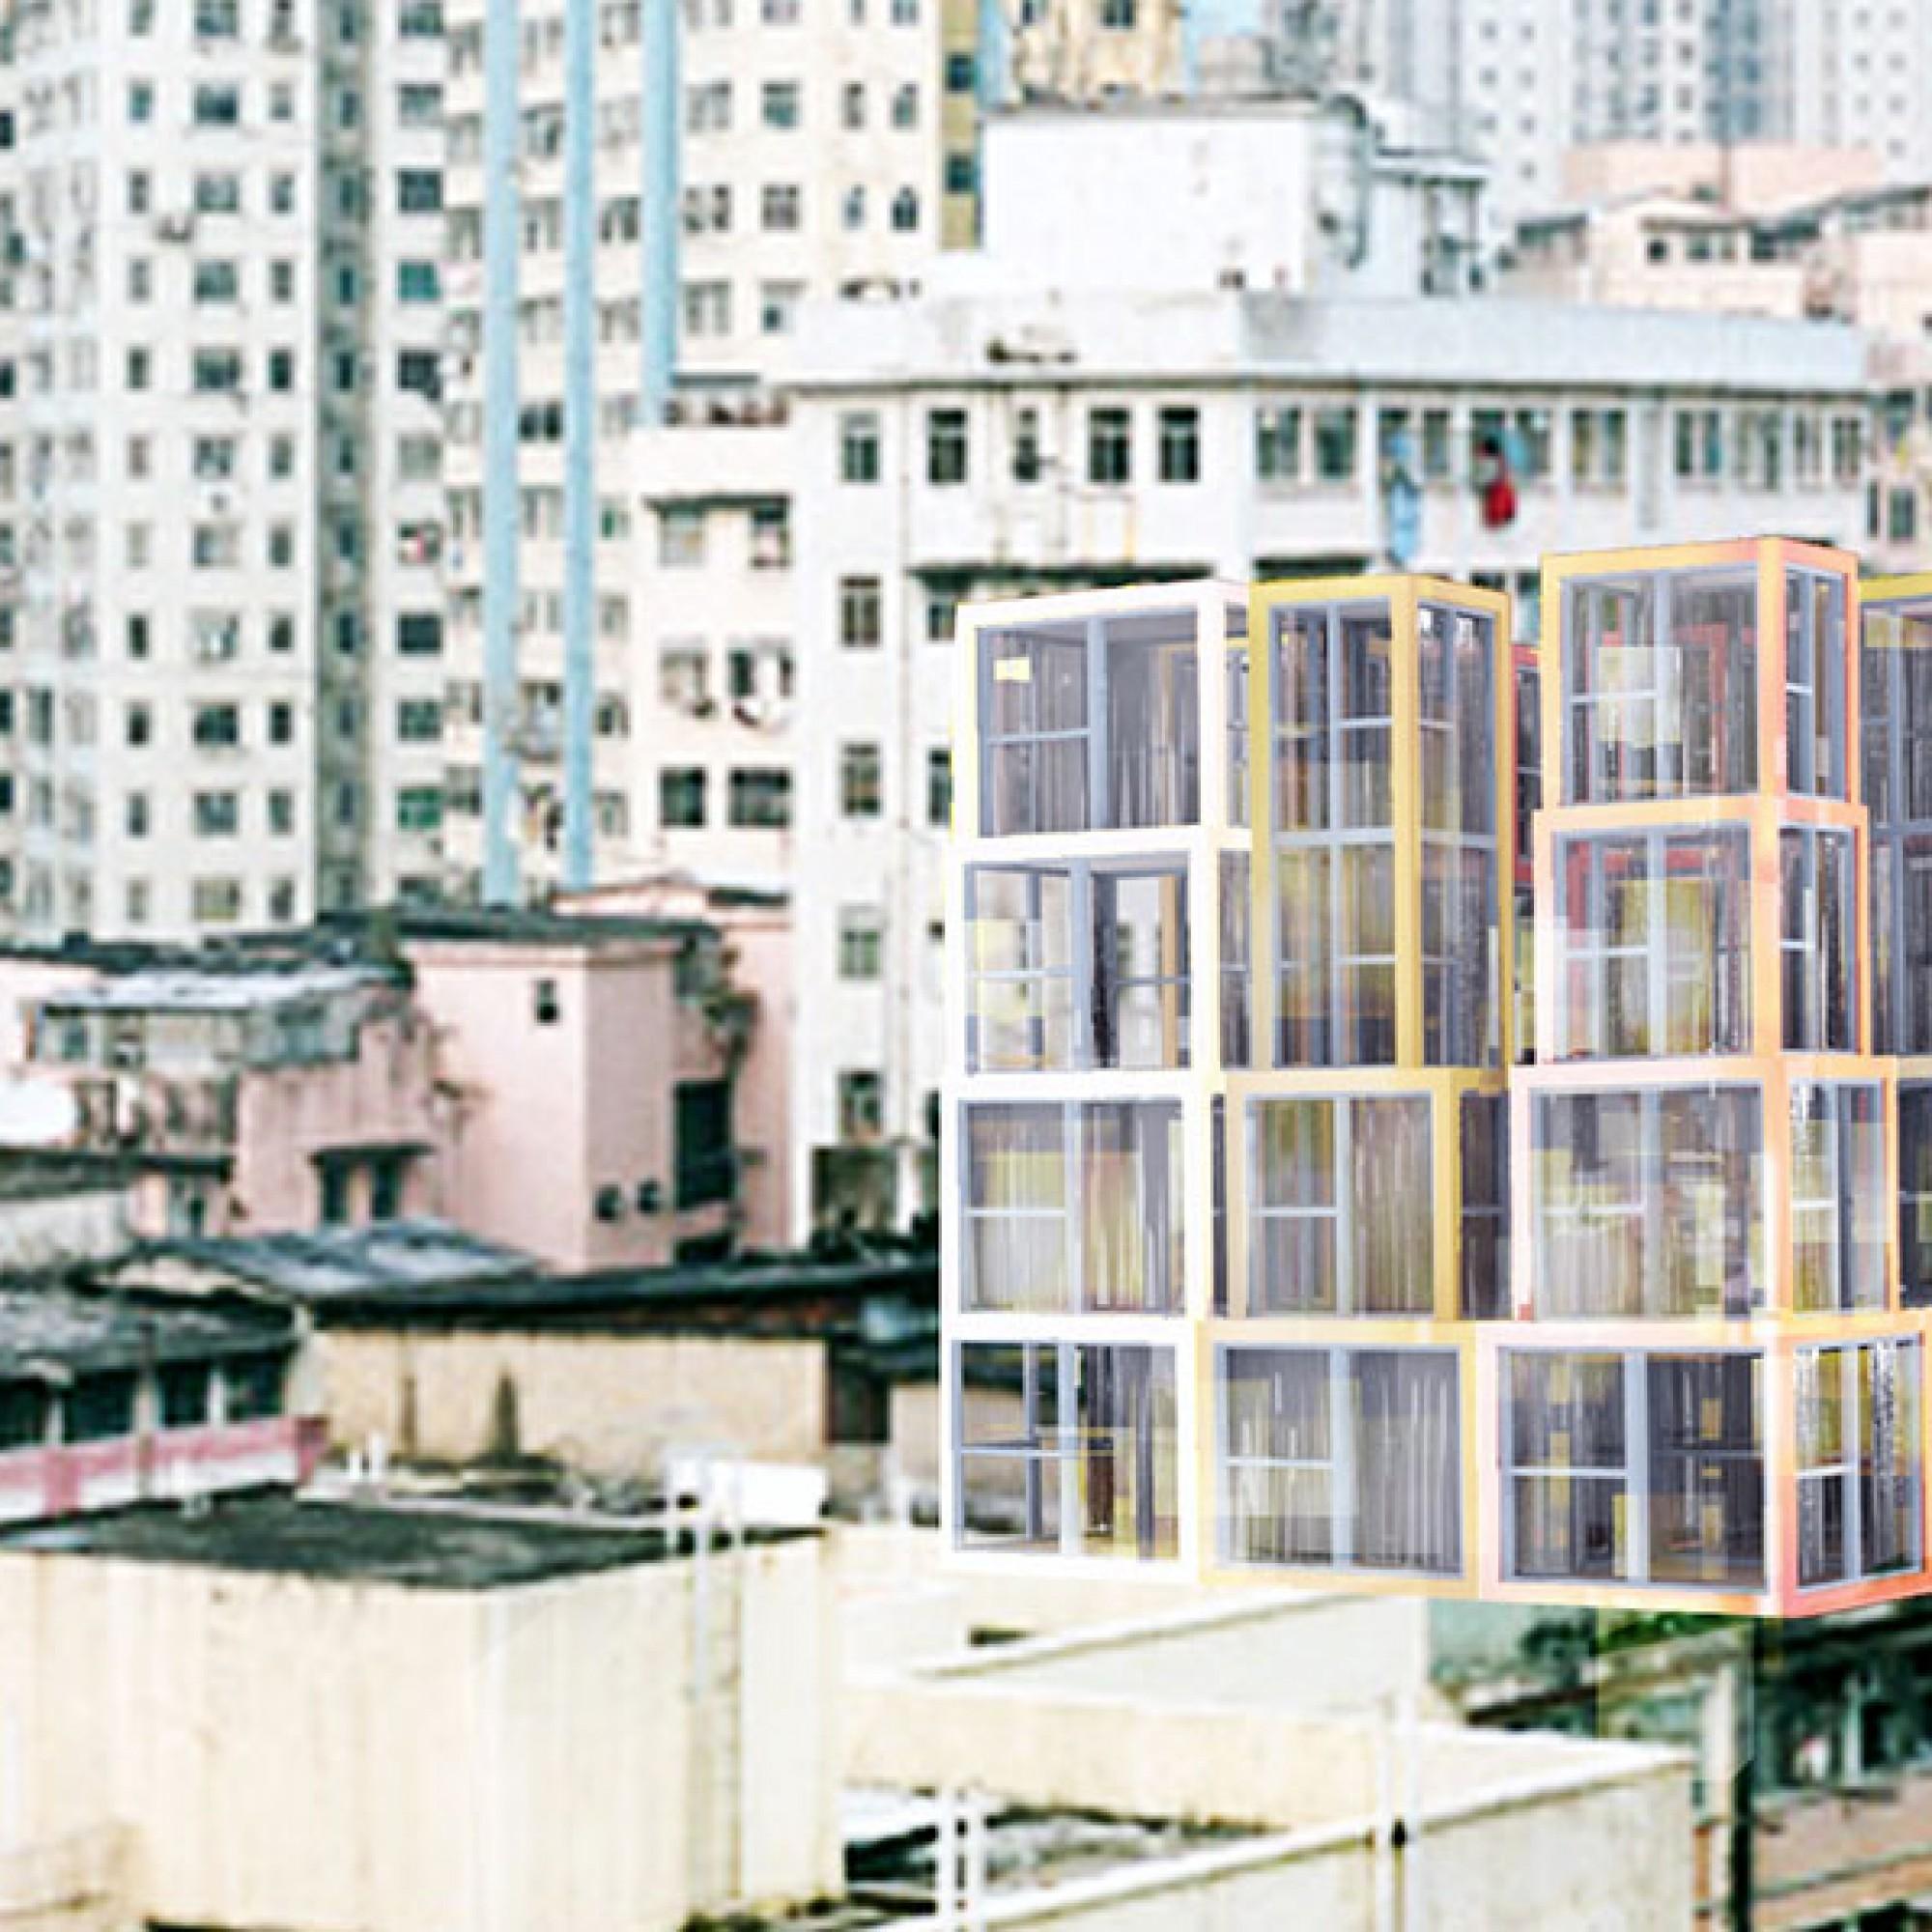 Mit dem Konzept wollen die Architekten für unterschiedlichste Bedürfnisse und Situationen bauen können. Sei es auf dem Dach...  (Visualisierung (Kwong Von Glinow / beebreeders.com)